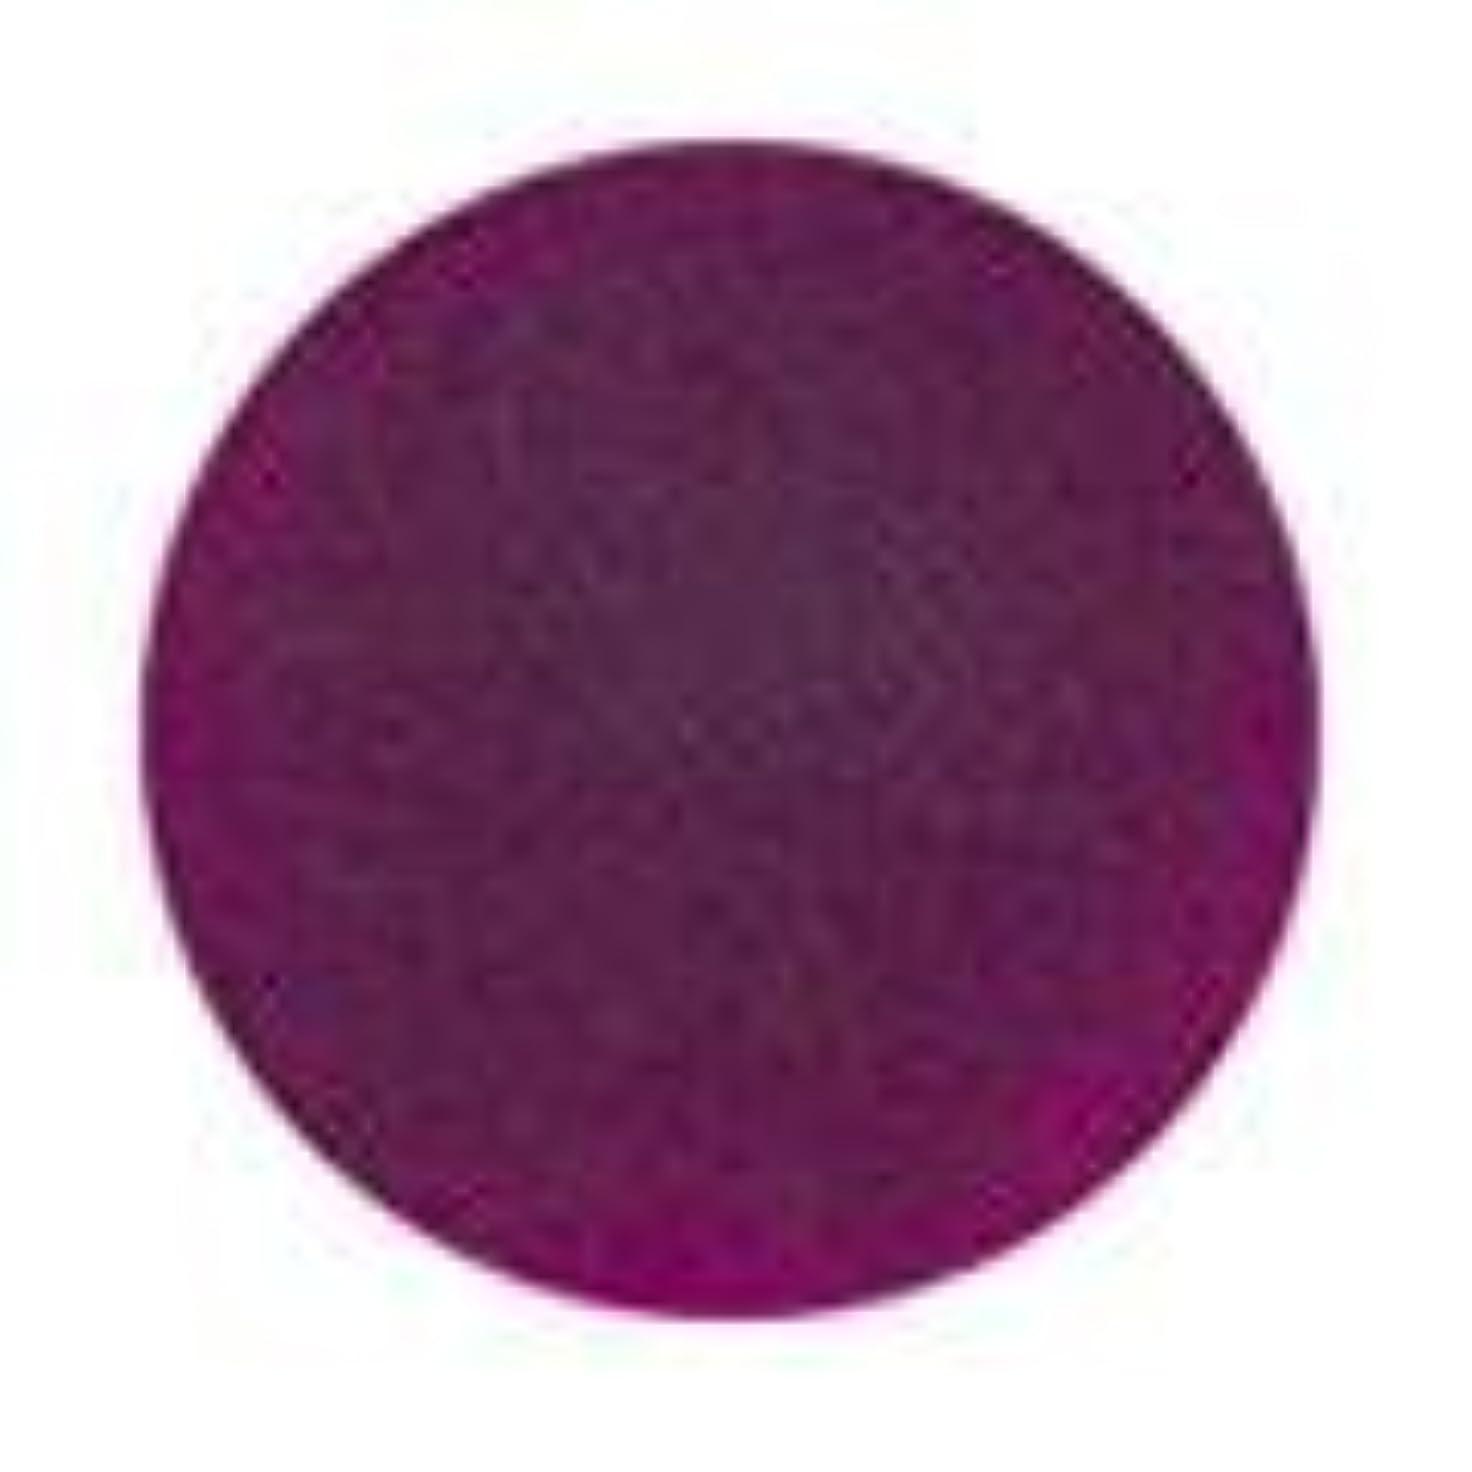 地下室チャート適切なJessica ジェレレーション カラー 15ml  487 ウインザーキャッスル